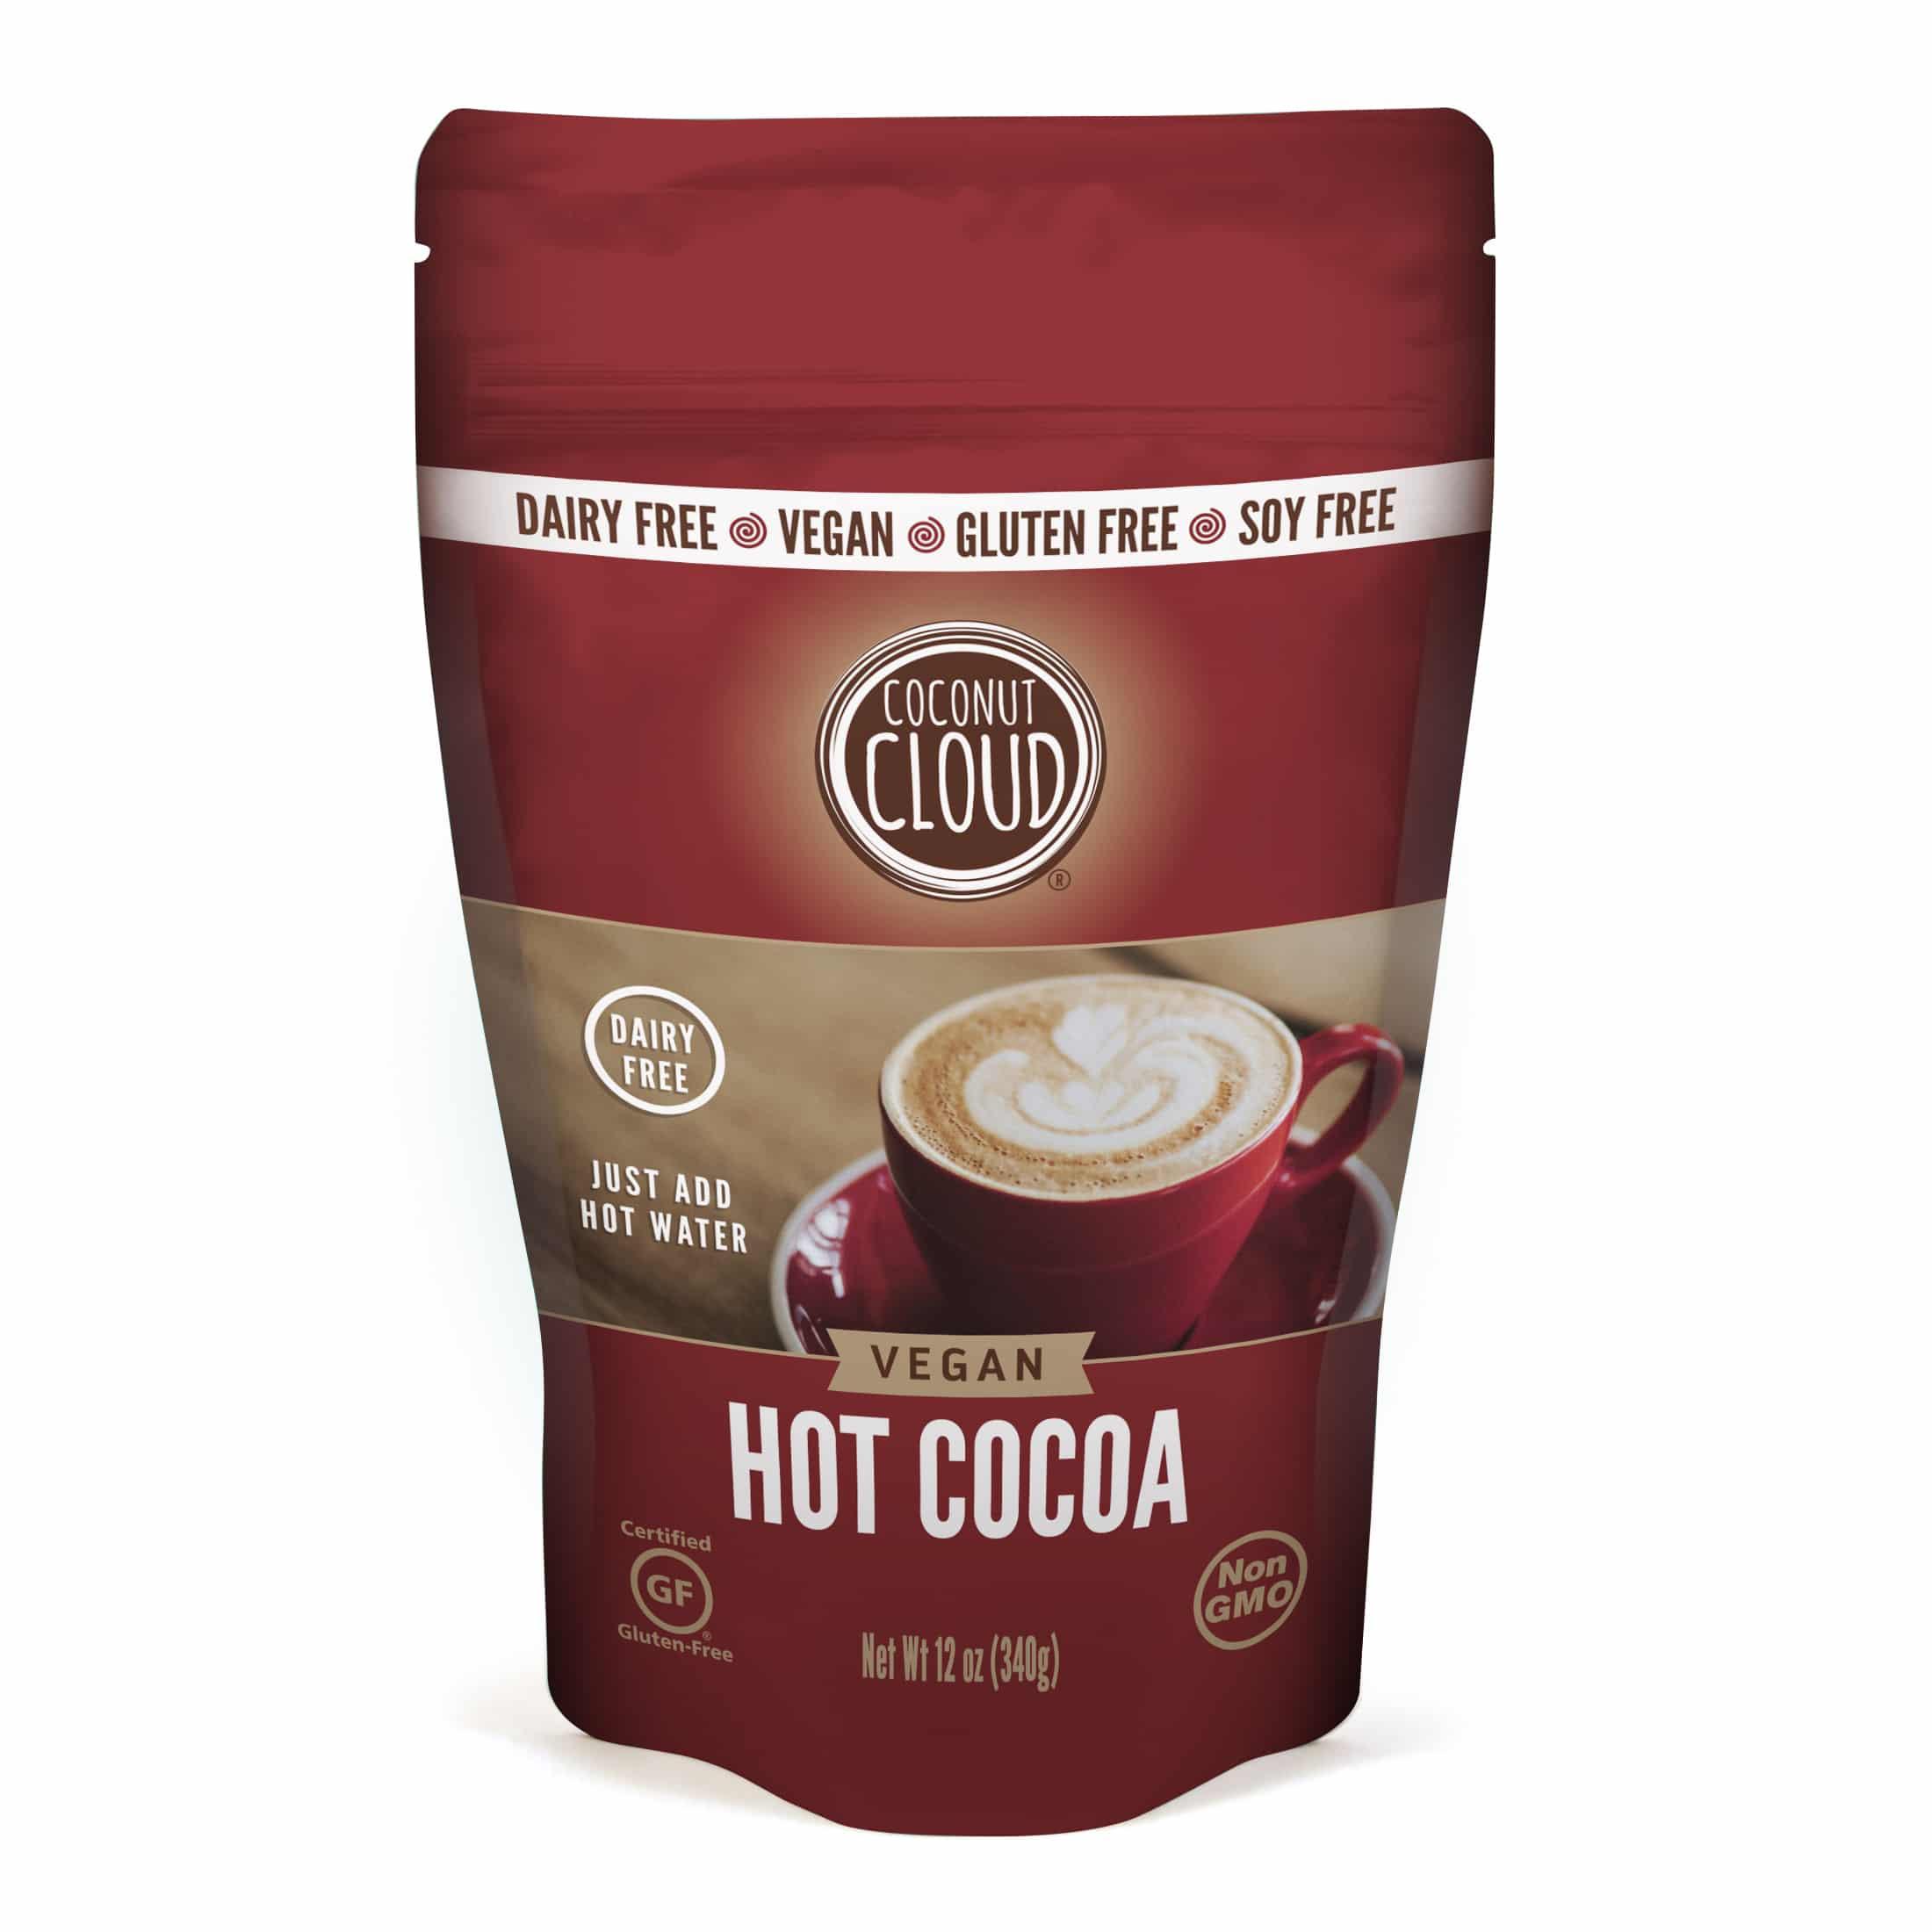 Coconut Cloud Launches Vegan Hot Cocoa